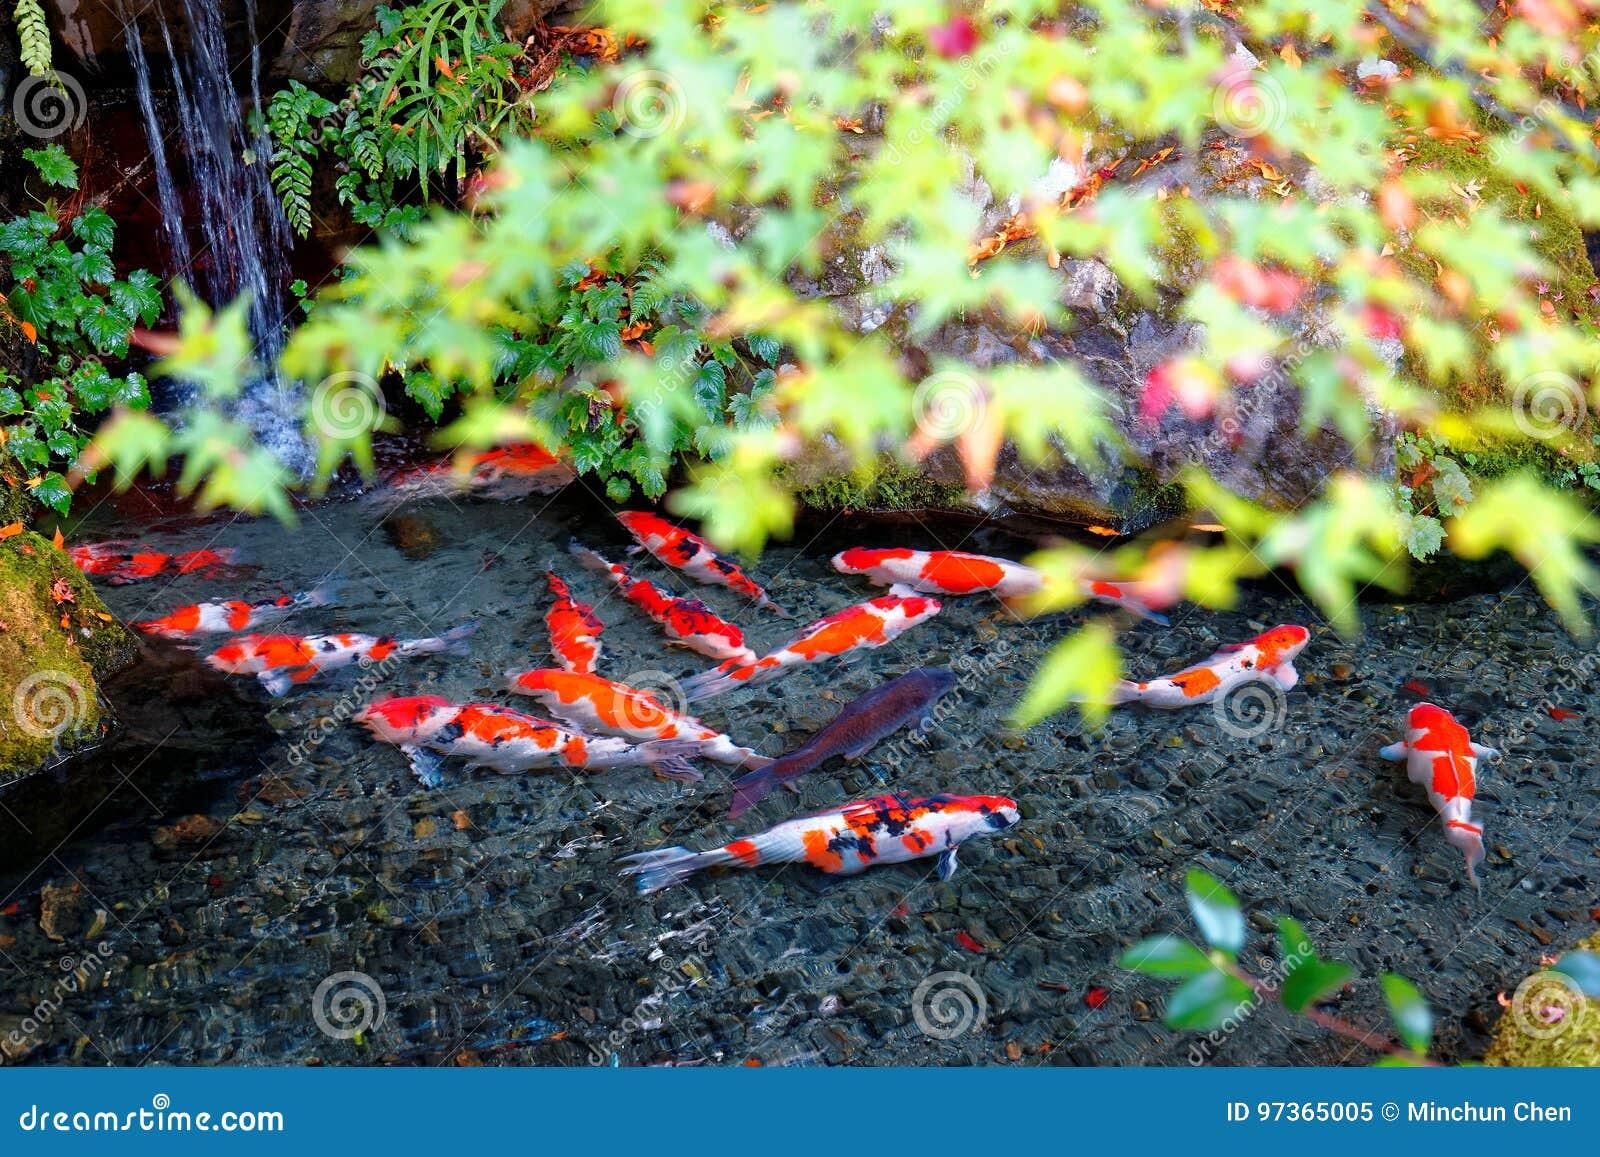 Μια όμορφη άποψη των ιαπωνικών ψαριών κυπρίνων Koi σε μια καλή λίμνη & των ζωηρόχρωμων φύλλων σφενδάμου σε έναν κήπο στο Κιότο Ια